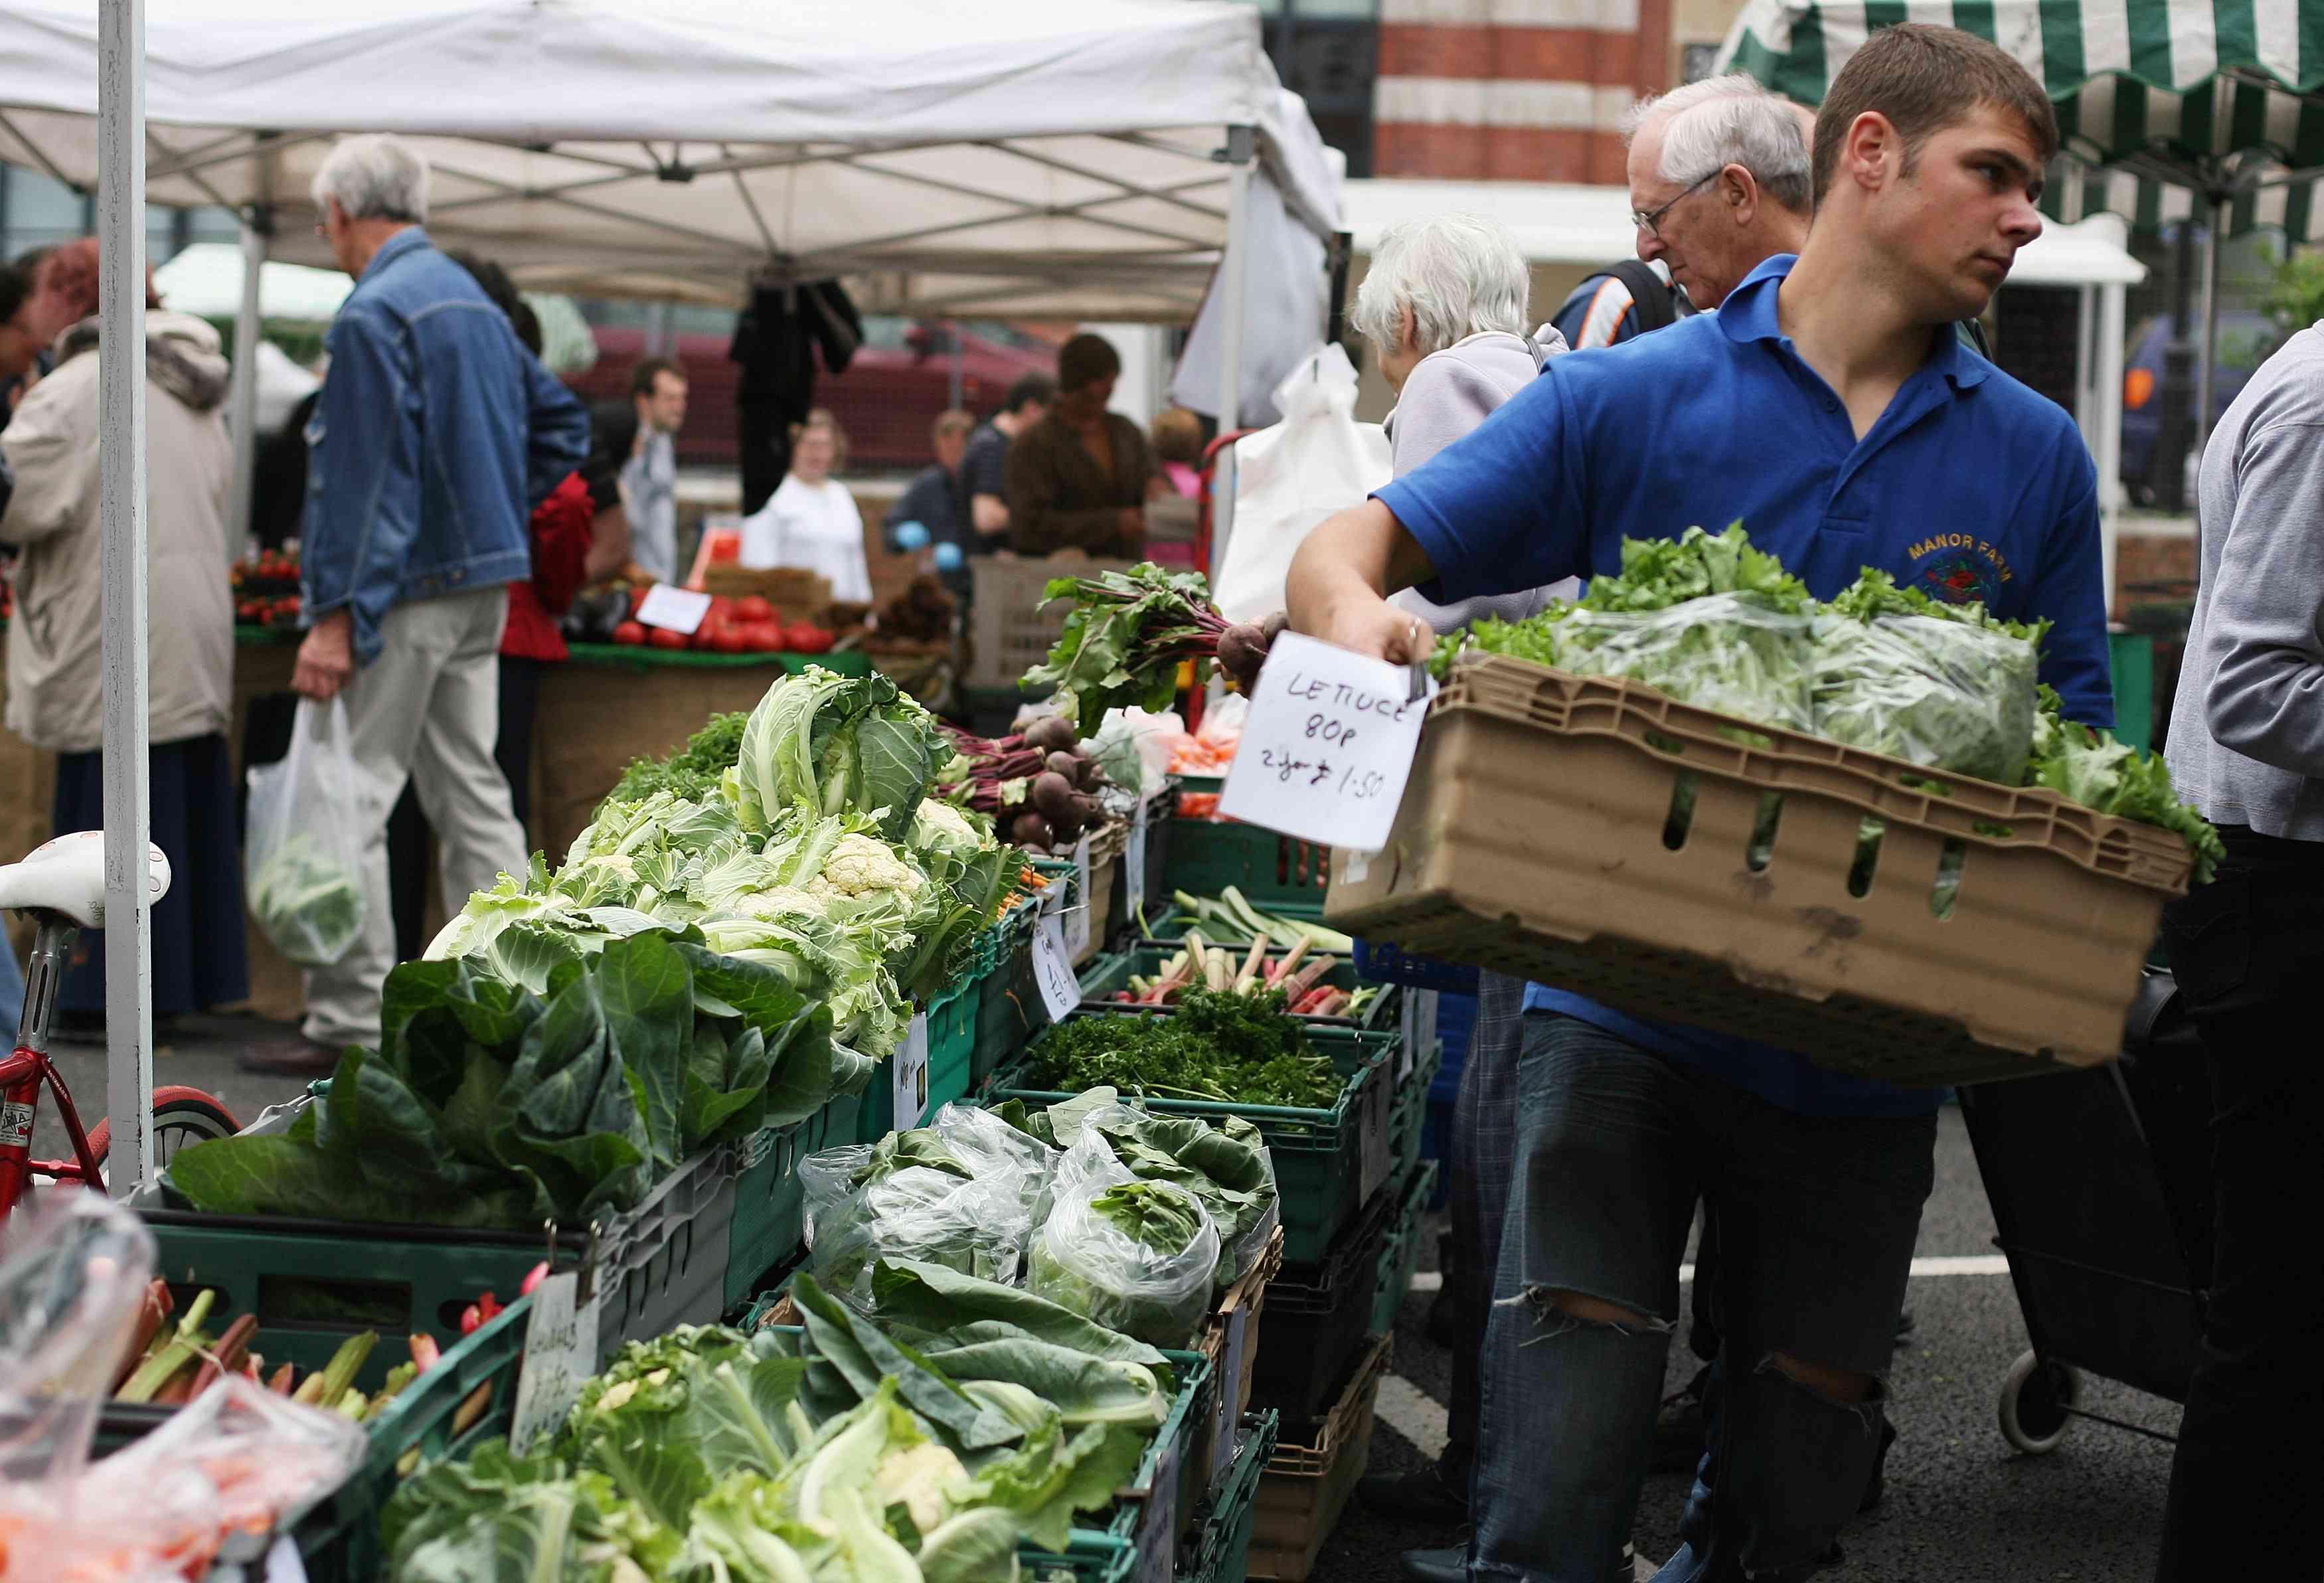 London Farmers Markets